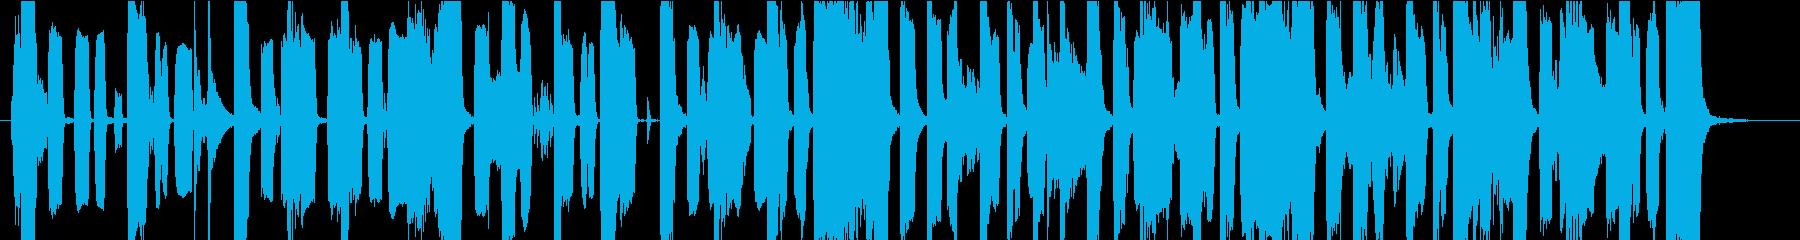 ピコピコ電子音・可愛いジングルの再生済みの波形